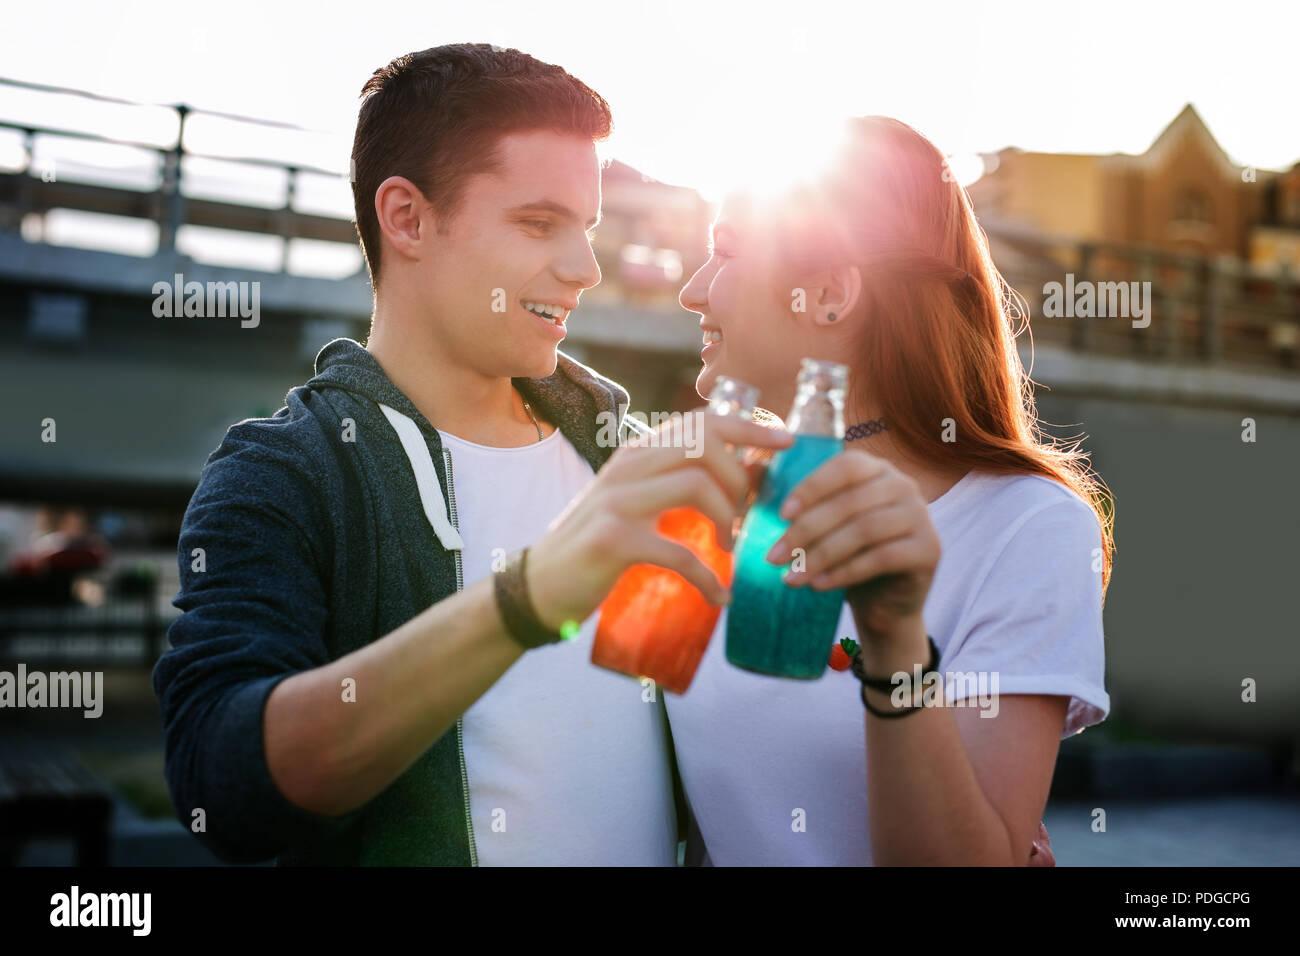 Alegre gente agradable disfrutando de su bebida tan deliciosa. Imagen De Stock